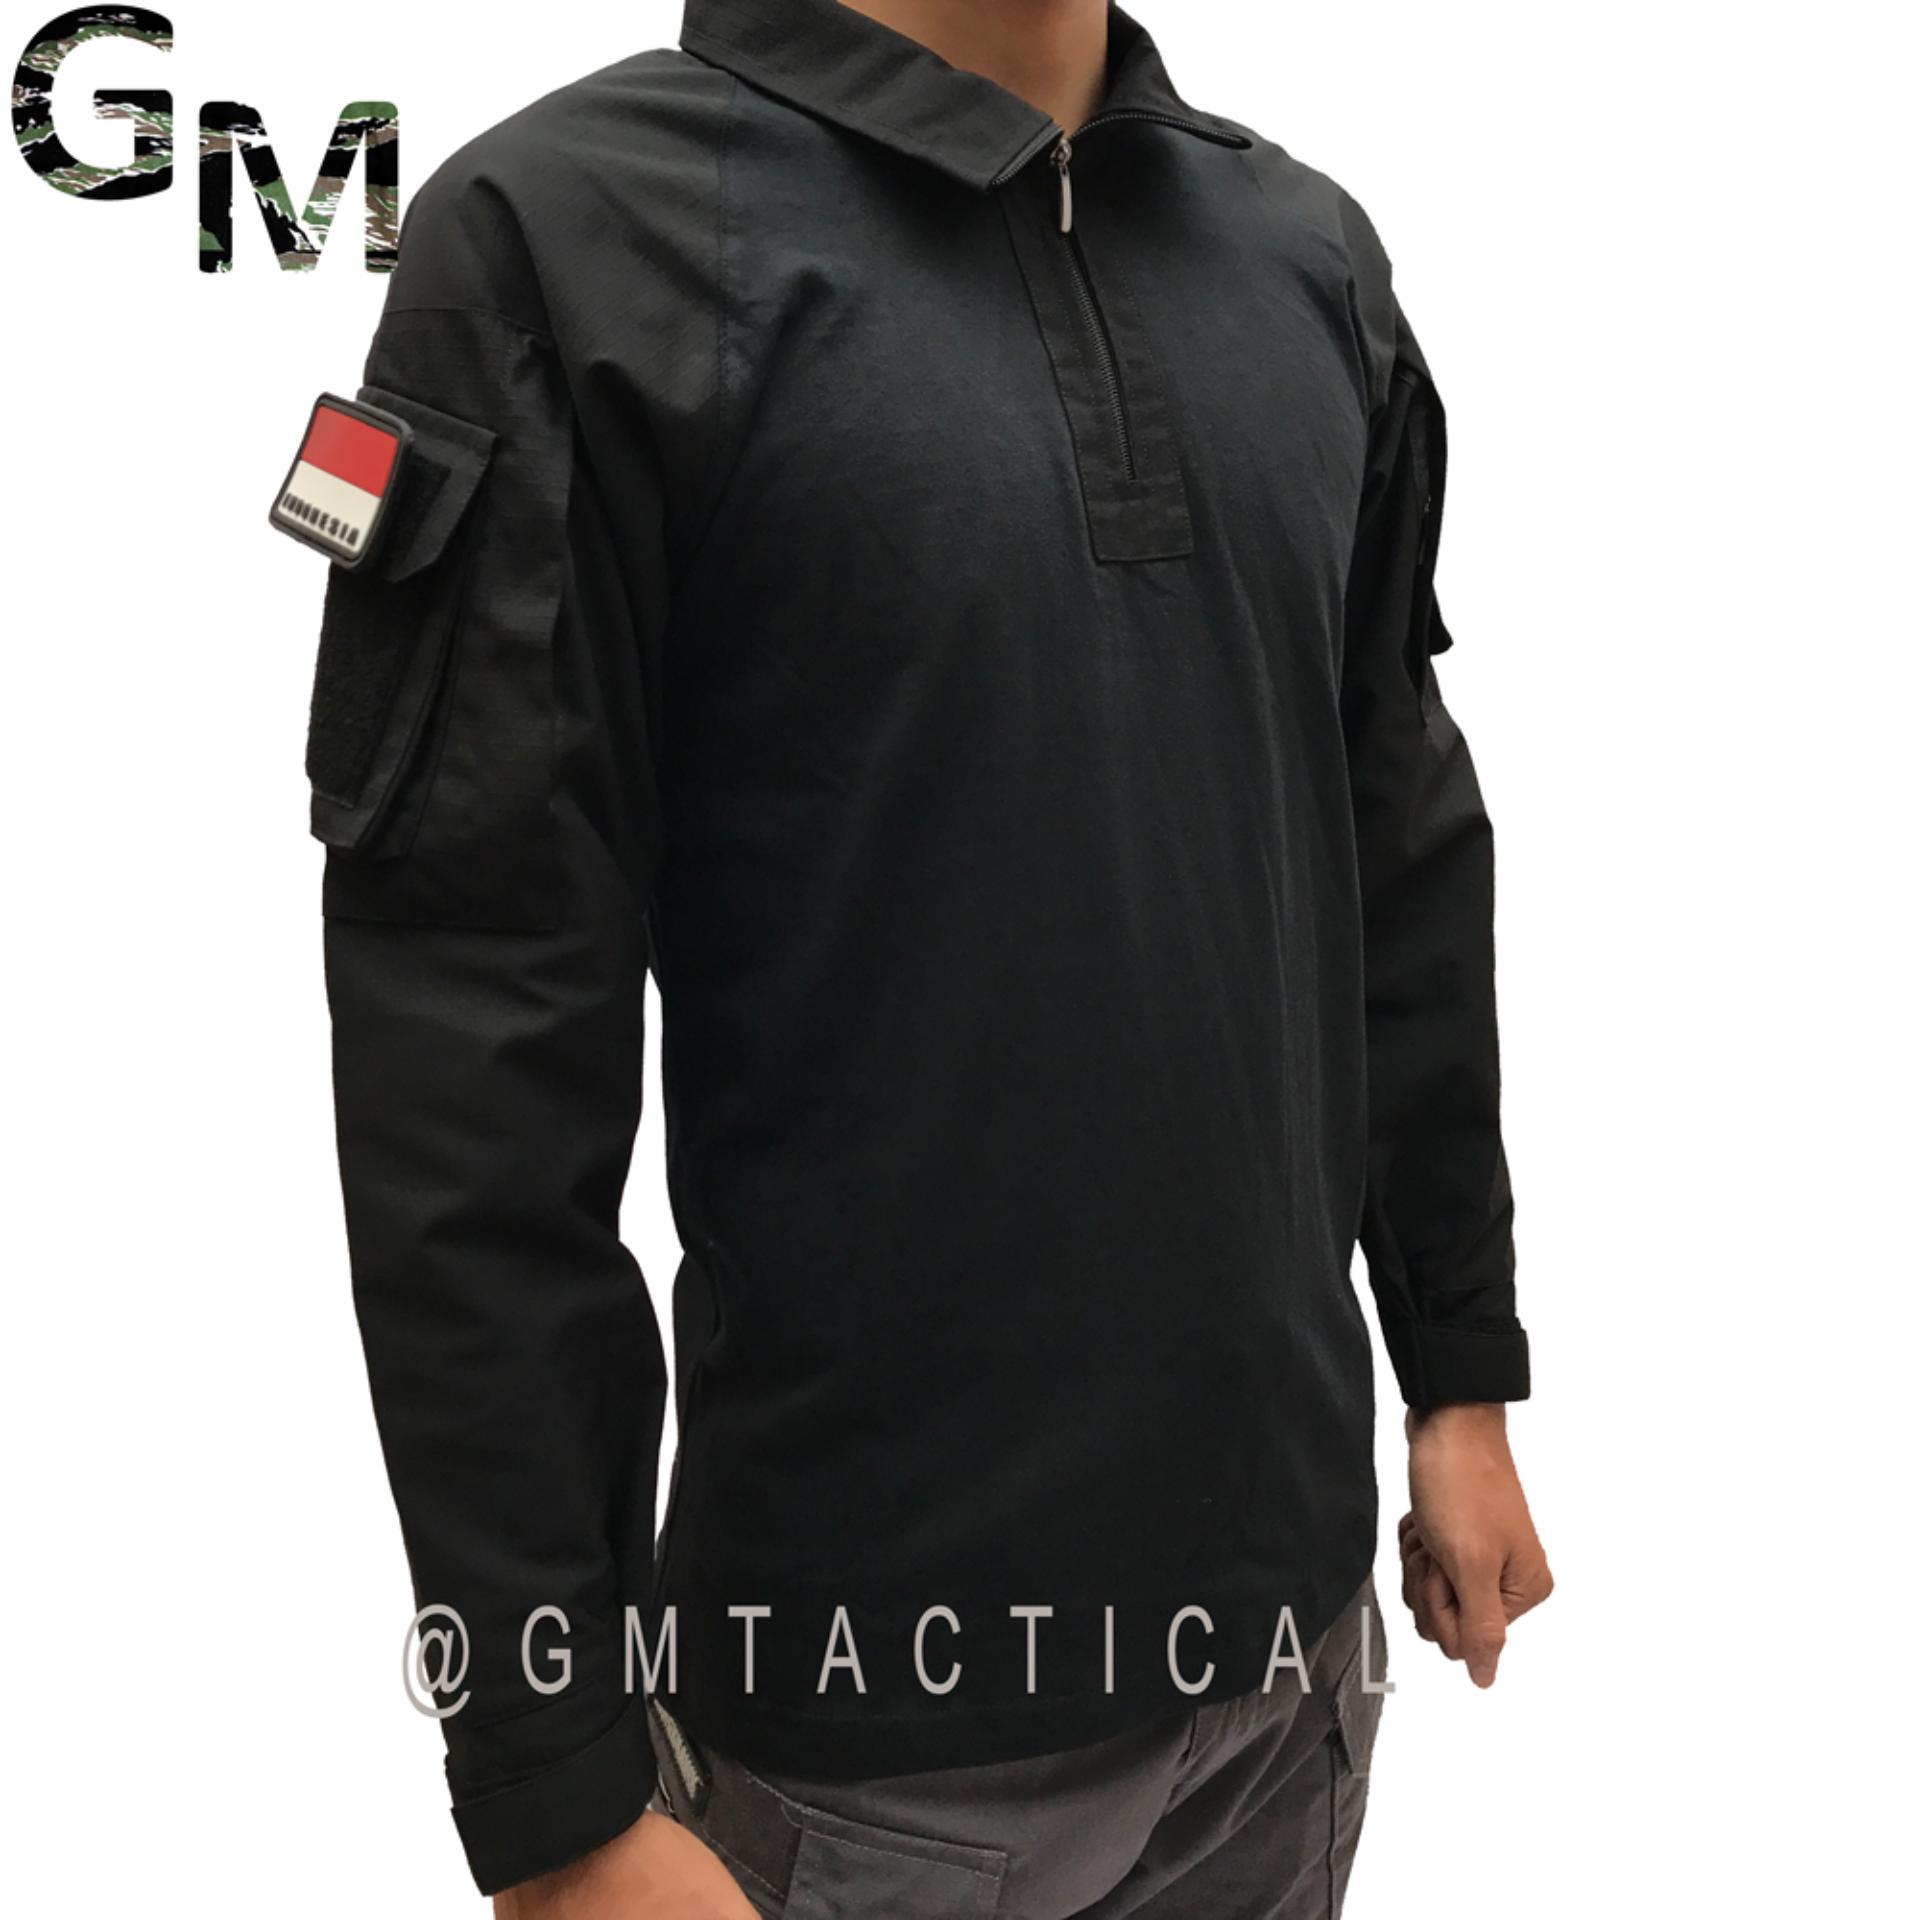 Combat Shirt Kaos Bdu Kaos Tactical Diskon Akhir Tahun